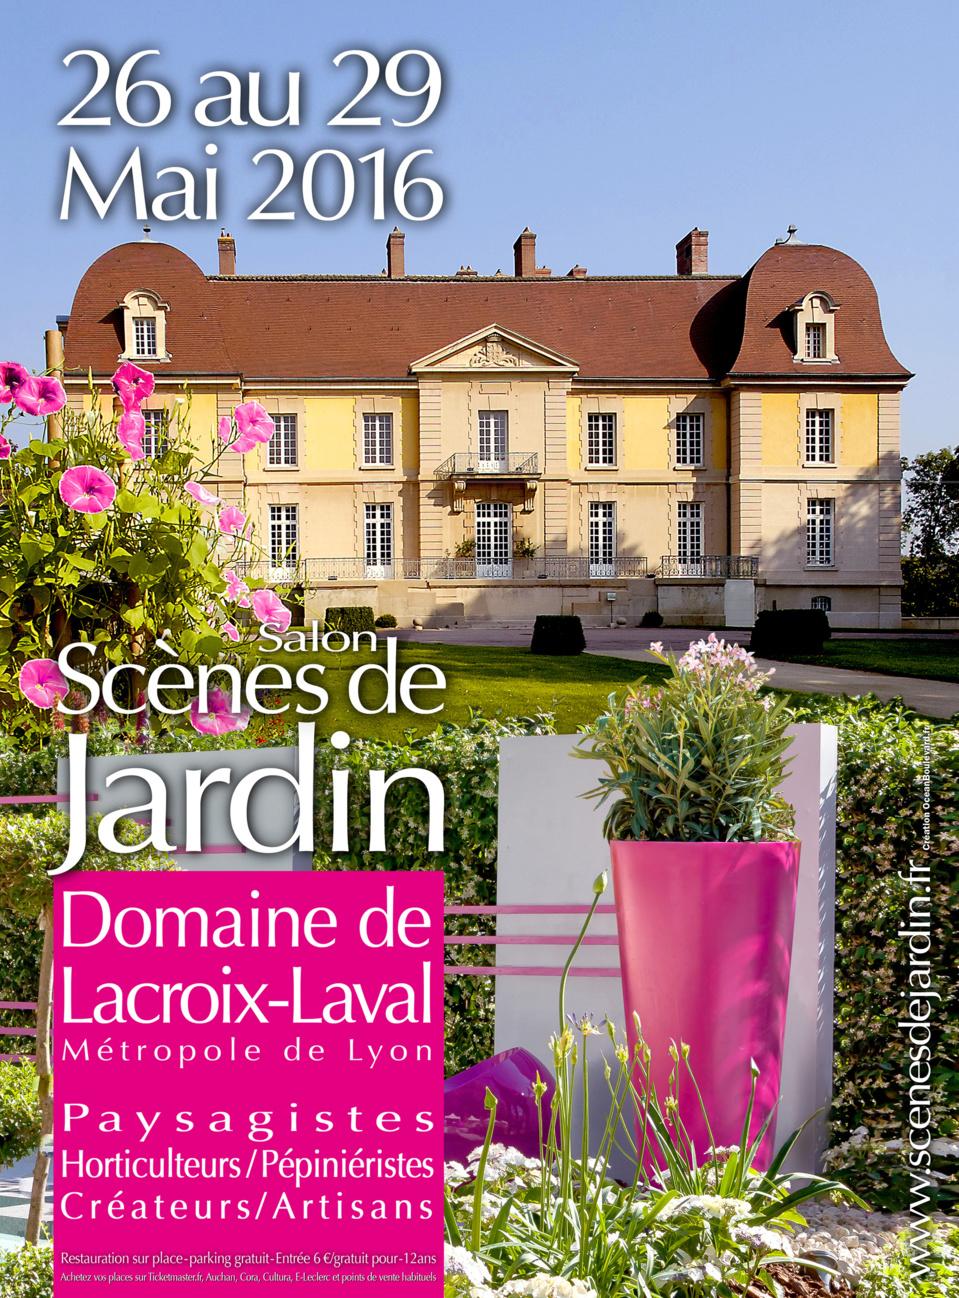 Le salon Scènes de Jardin assoit sa deuxième édition avec un programme d'exception